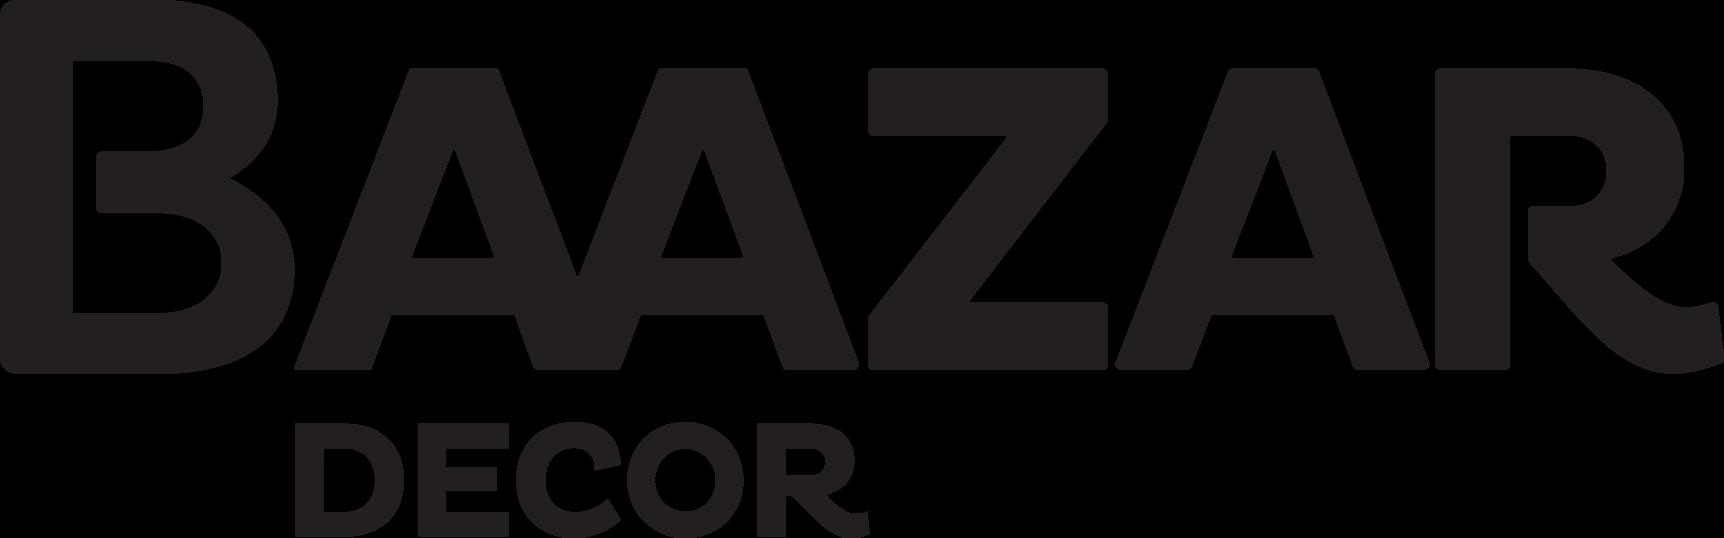 Baazar Decor